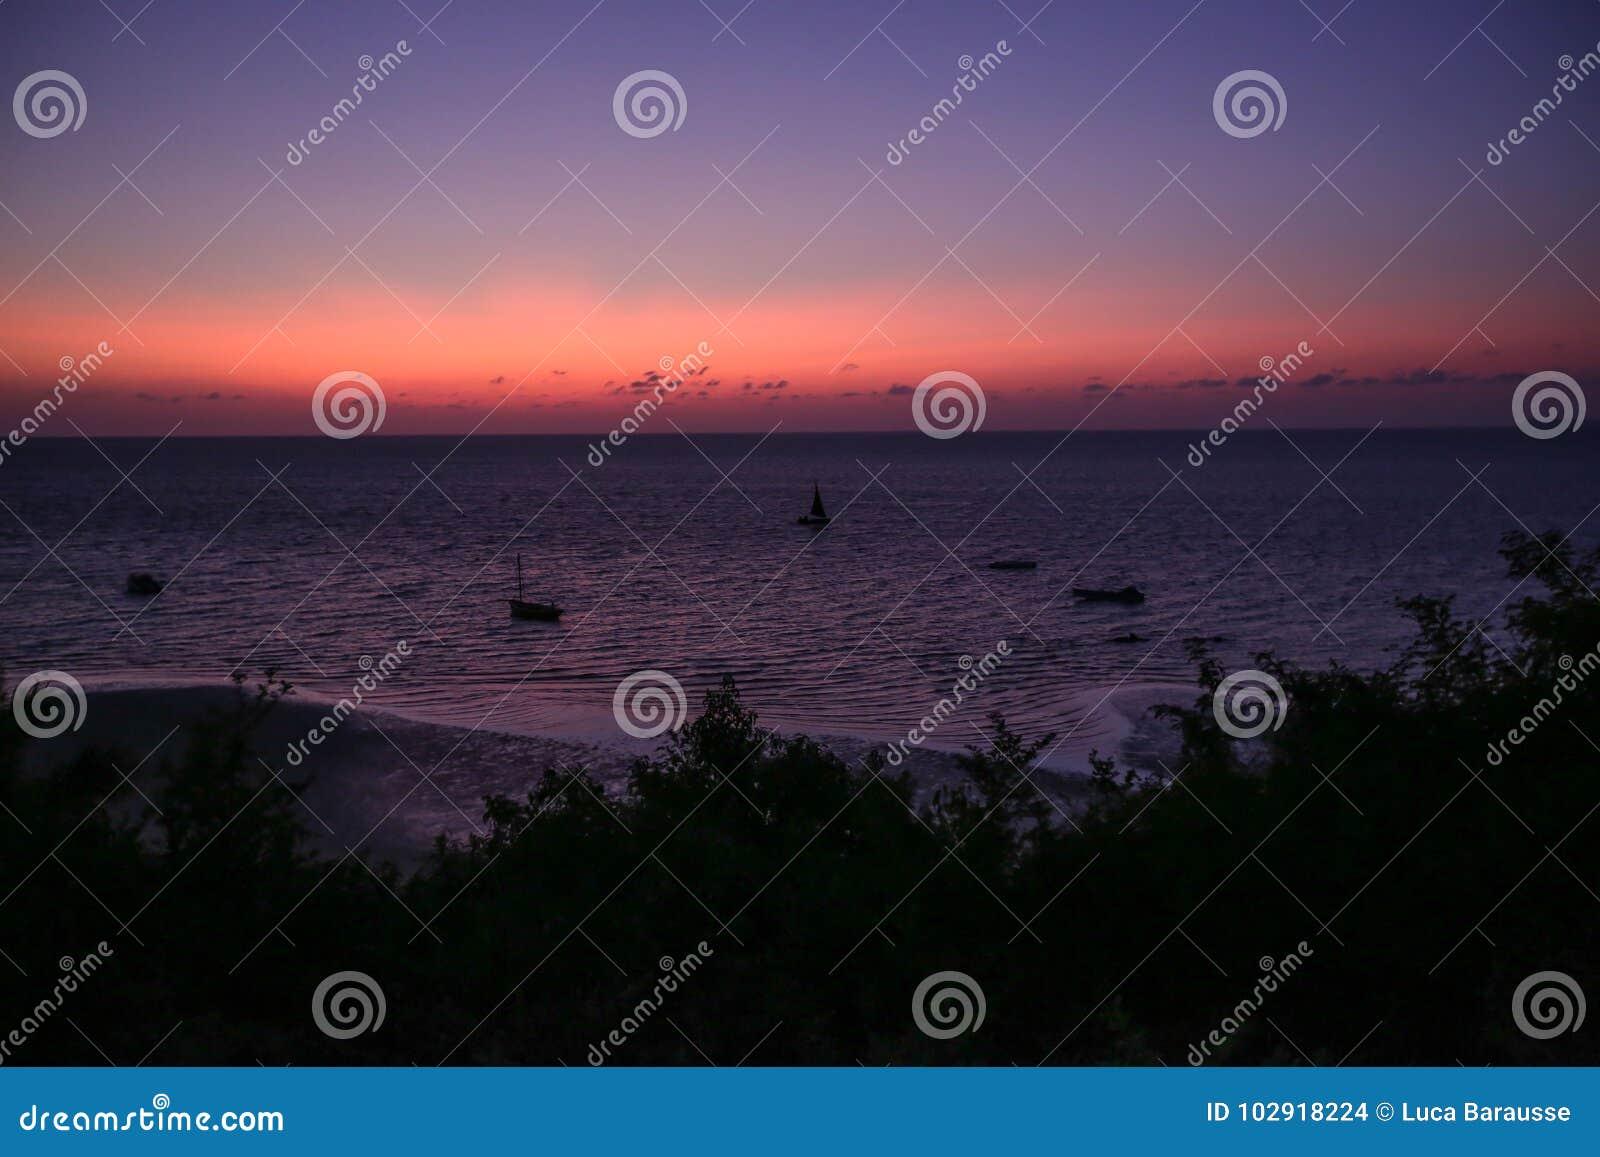 Rosa Himmel über dem Ozean mit Segelbooten